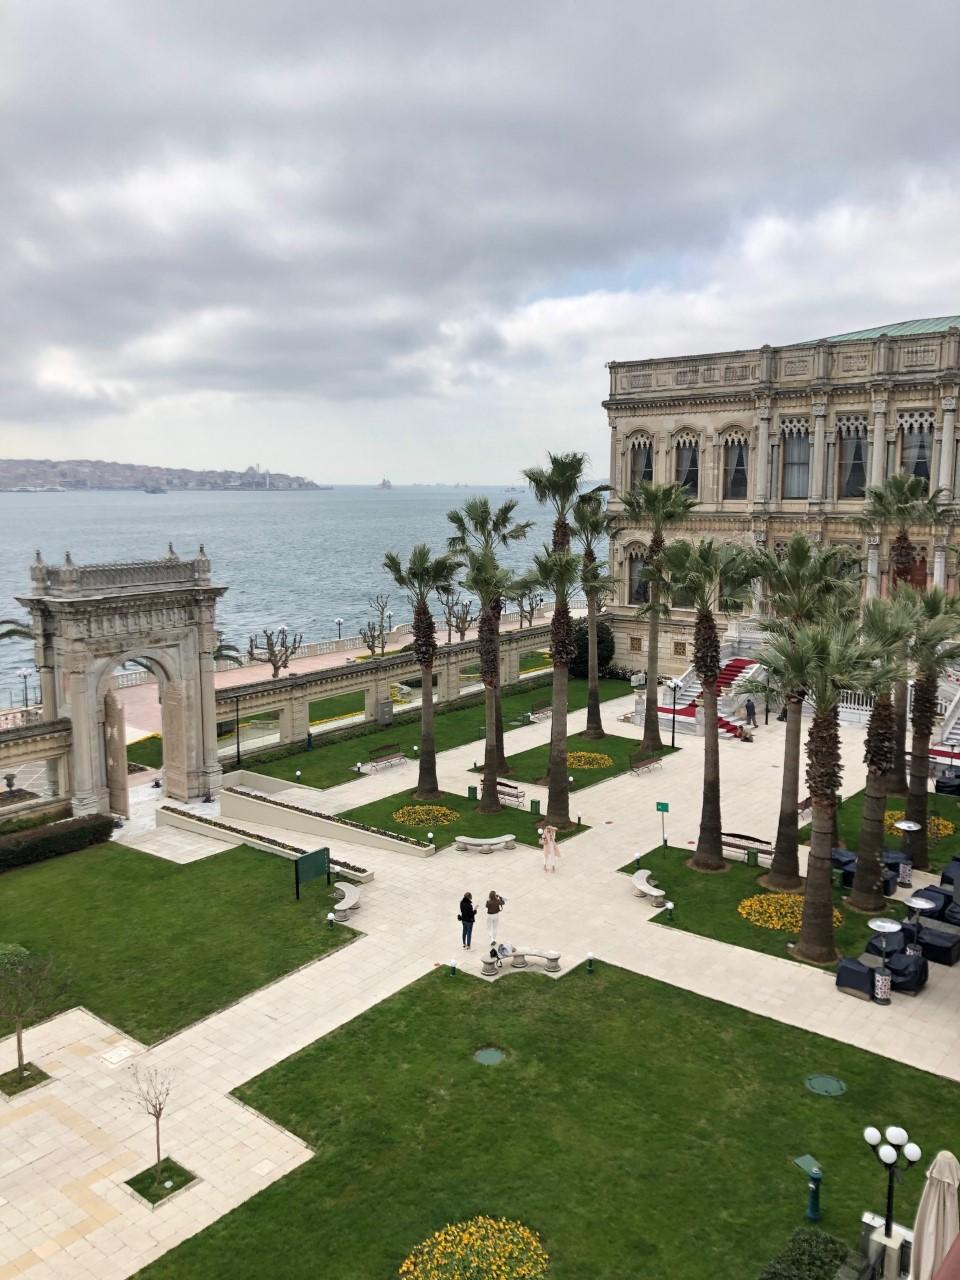 ciragan2 - Ciragan Palace Kempinski Istanbul